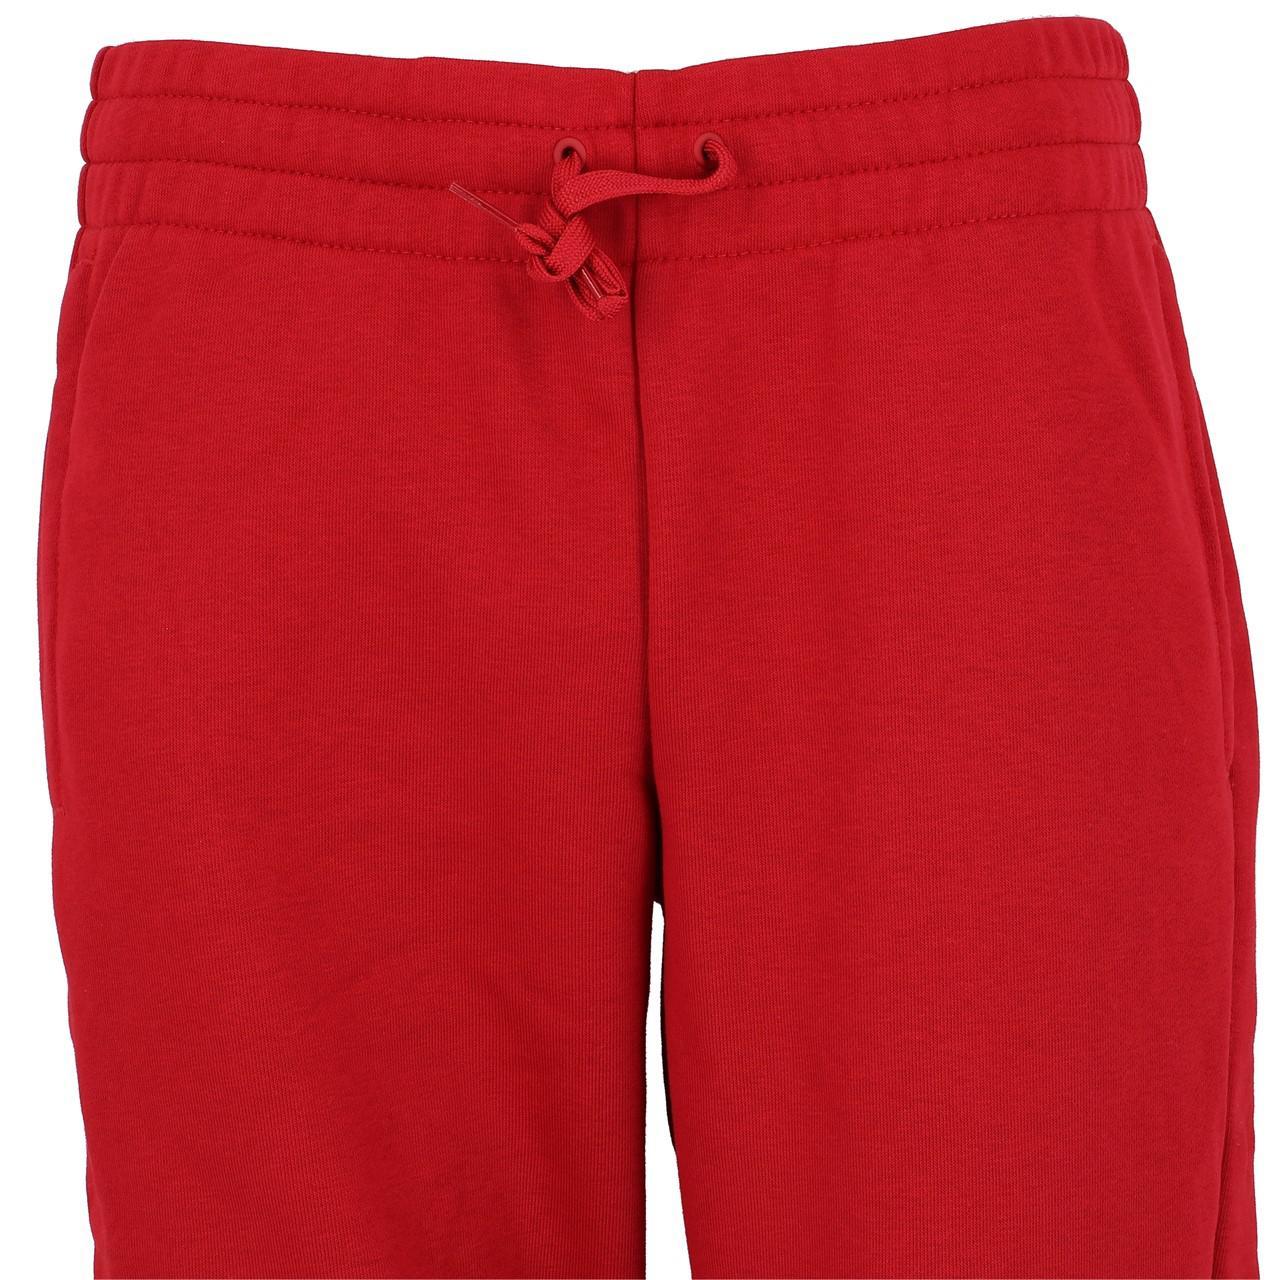 Pantalon-de-survetement-Adidas-E-lin-bdx-wht-pant-l-Rouge-18961-Neuf miniature 4